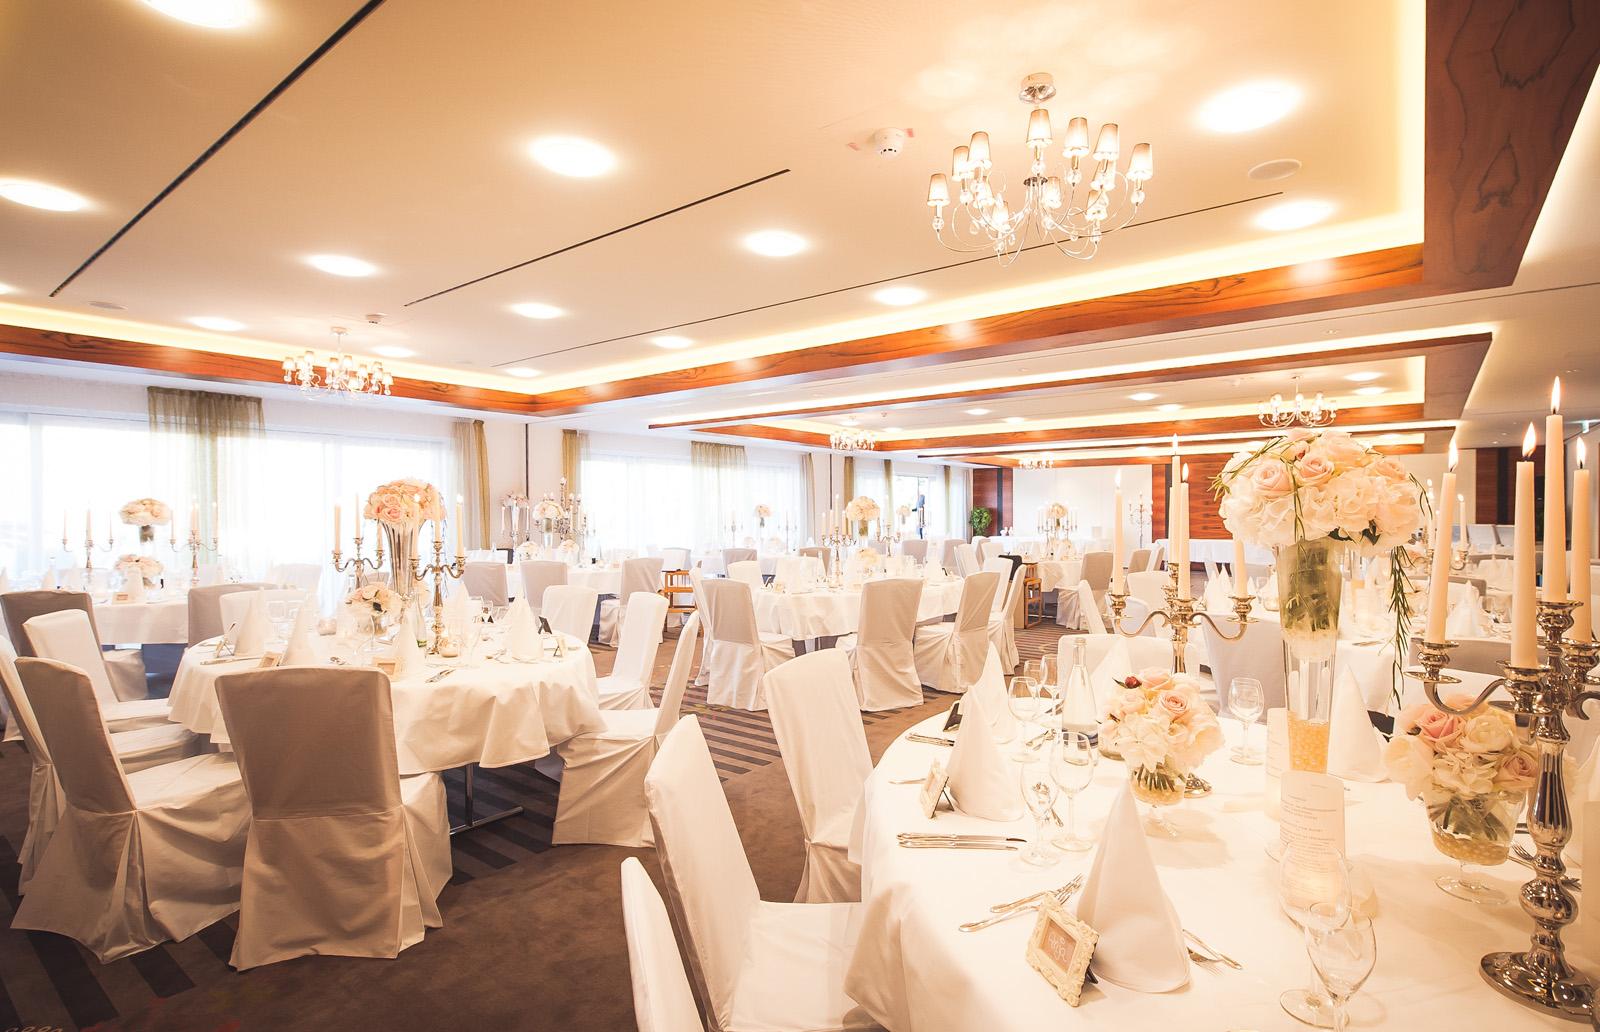 Hochzeitssaal - Hotel Sonne, Rudersberg/schlechtbach